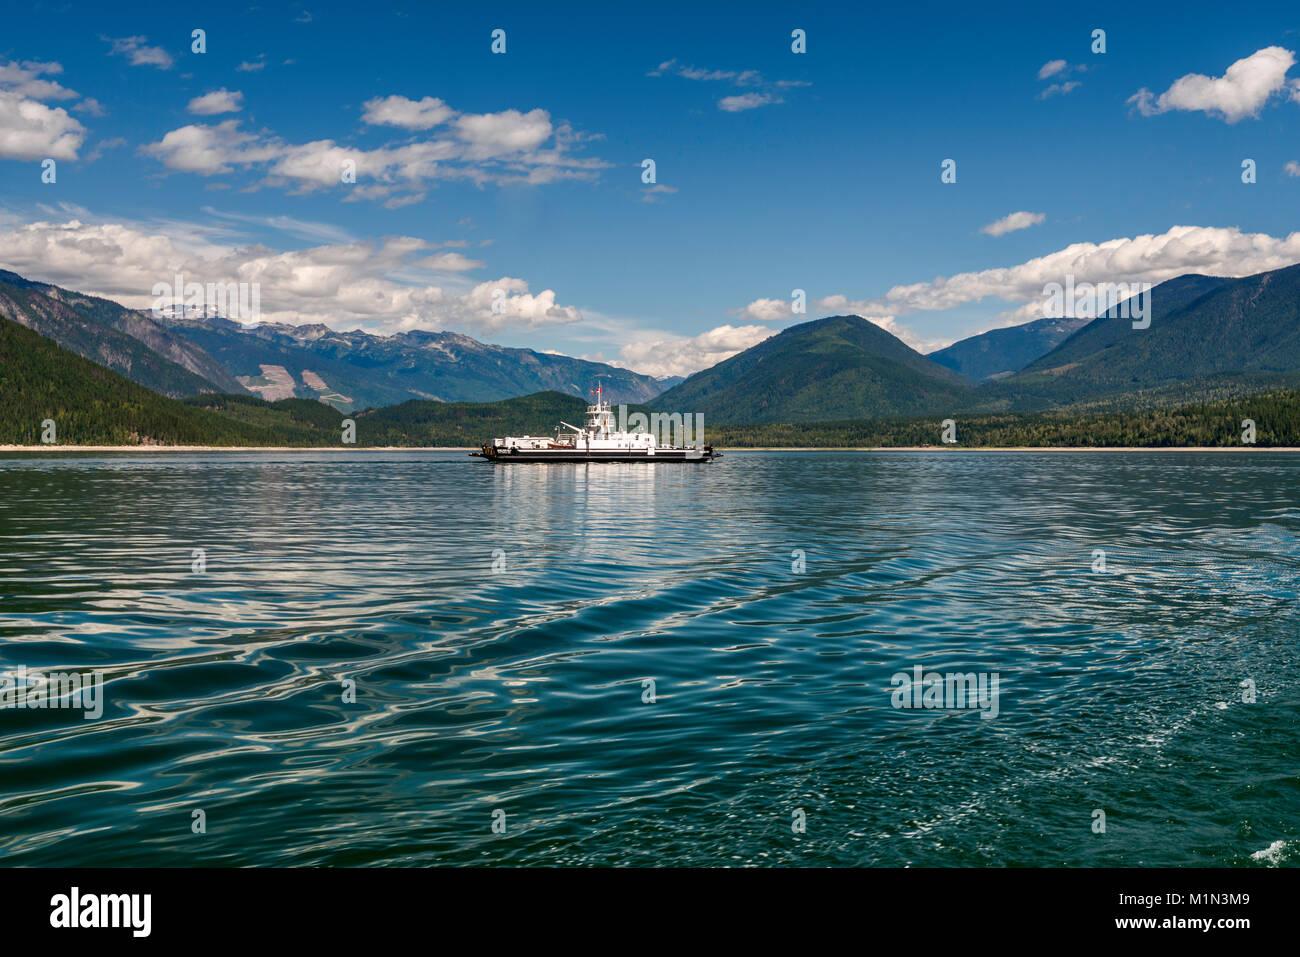 MV Shelter Bay ferry cruzando el lago de flecha superior del Shelter Bay a galena Bay Selkirk, negociaciones comerciales multilaterales, en el oeste de la región de Kootenay, British Columbia, Canadá Foto de stock